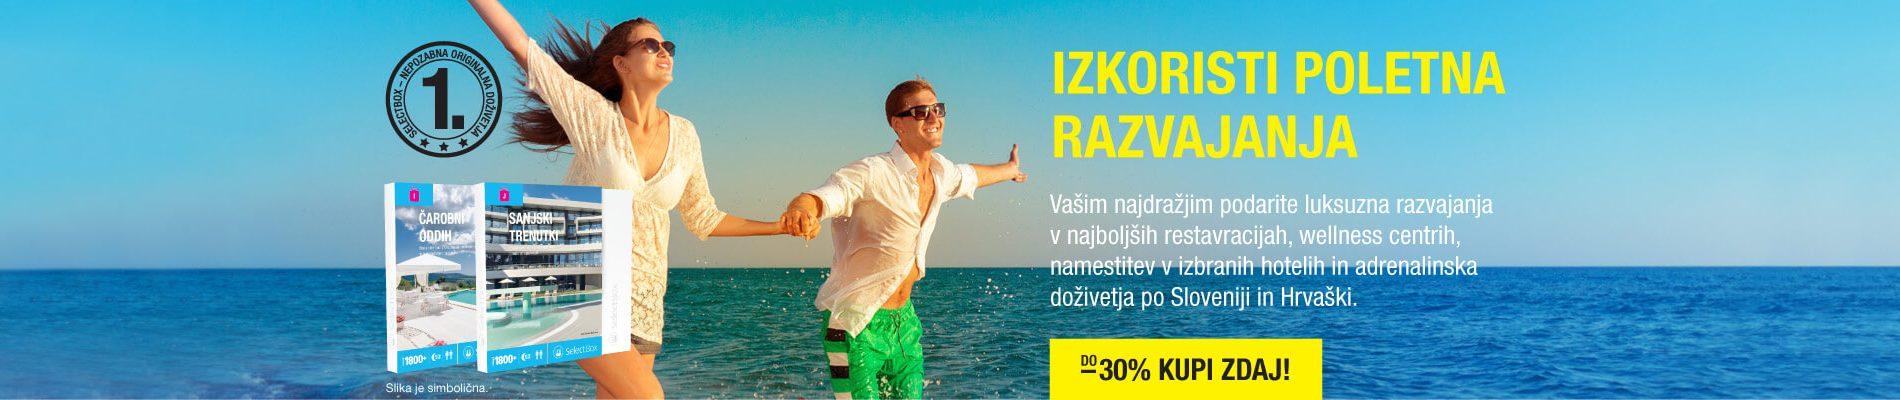 Poletje_turizem_1920x400px_SLO-1900x400